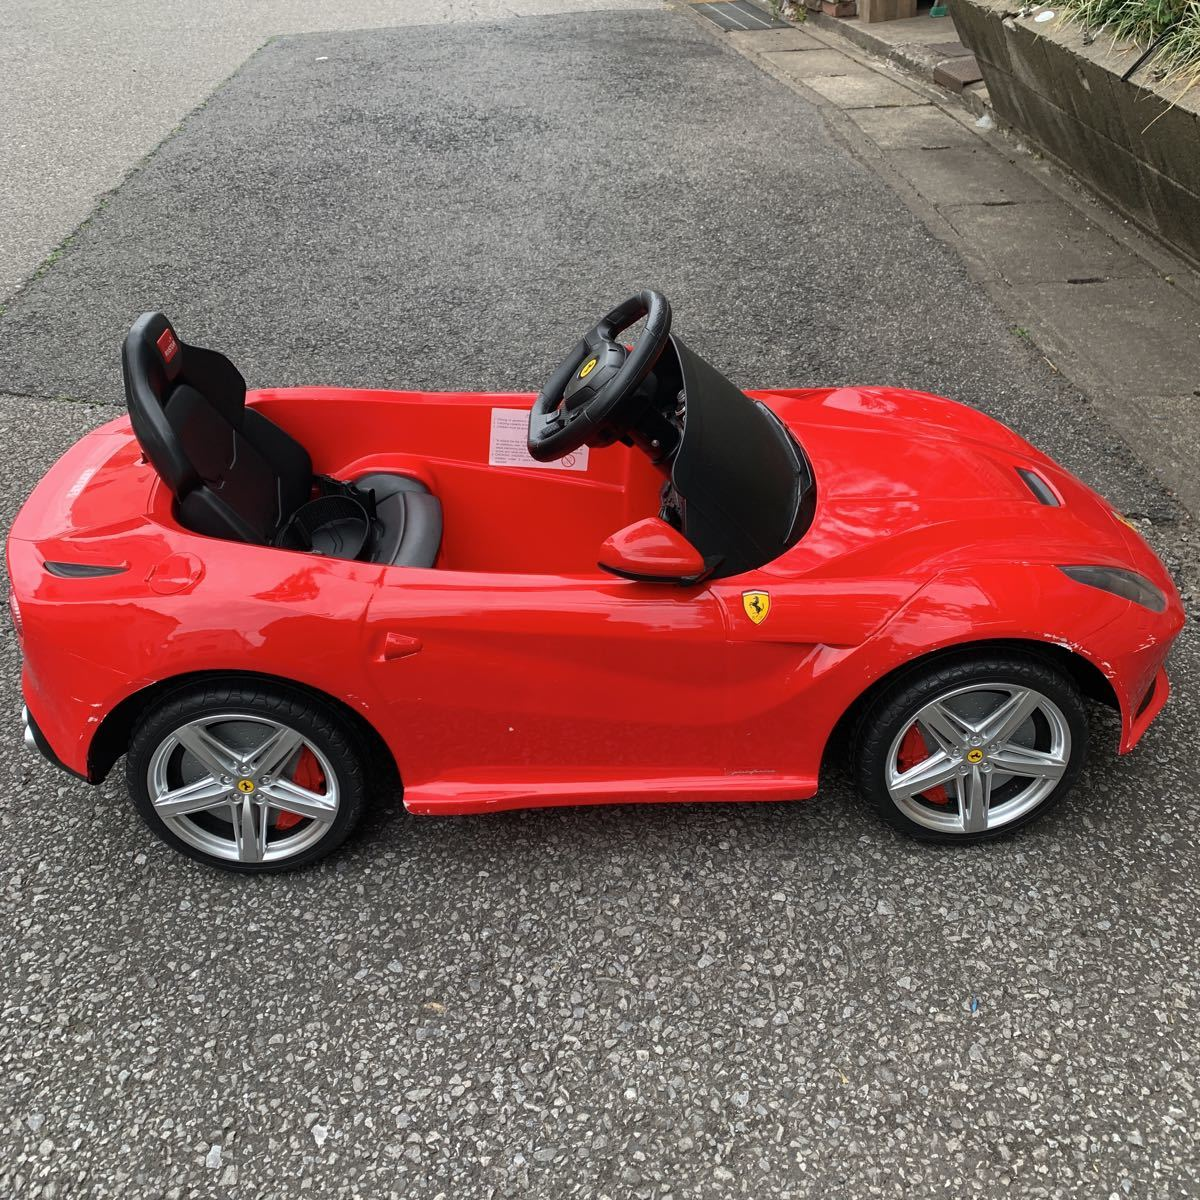 ★ジャンク品 傷スレあり 全国発送可能 フェラーリ 電源入らない ラジコン操作可能 Ferrari F12 berlinetta 電動乗用玩具 ラジコンカー★